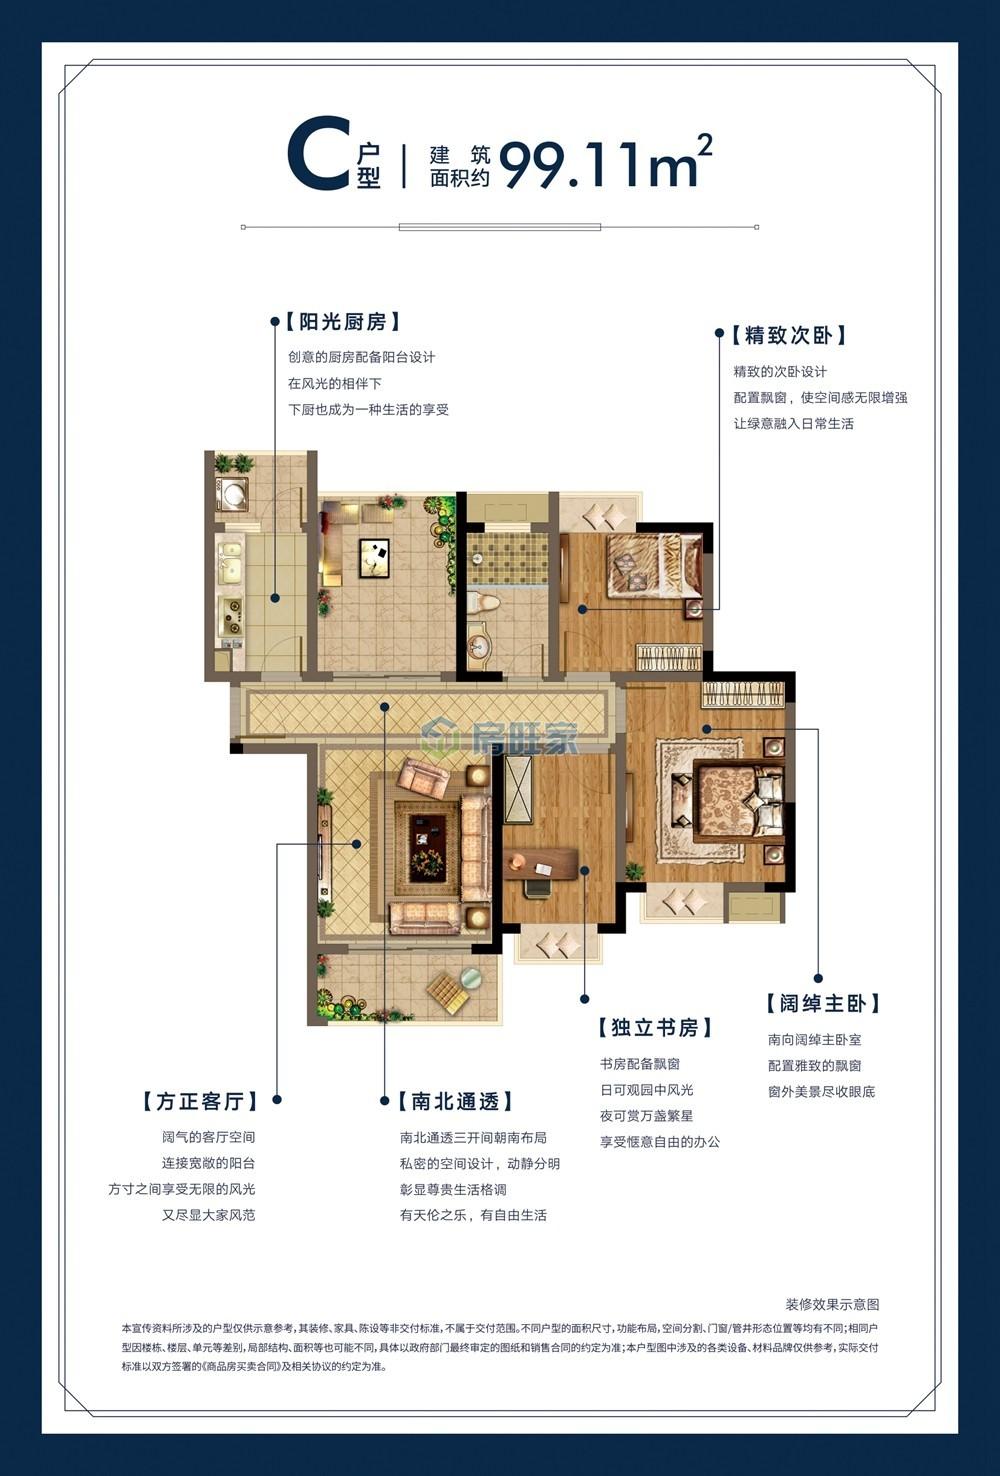 世茂幸福里三房户型 建面99.11平